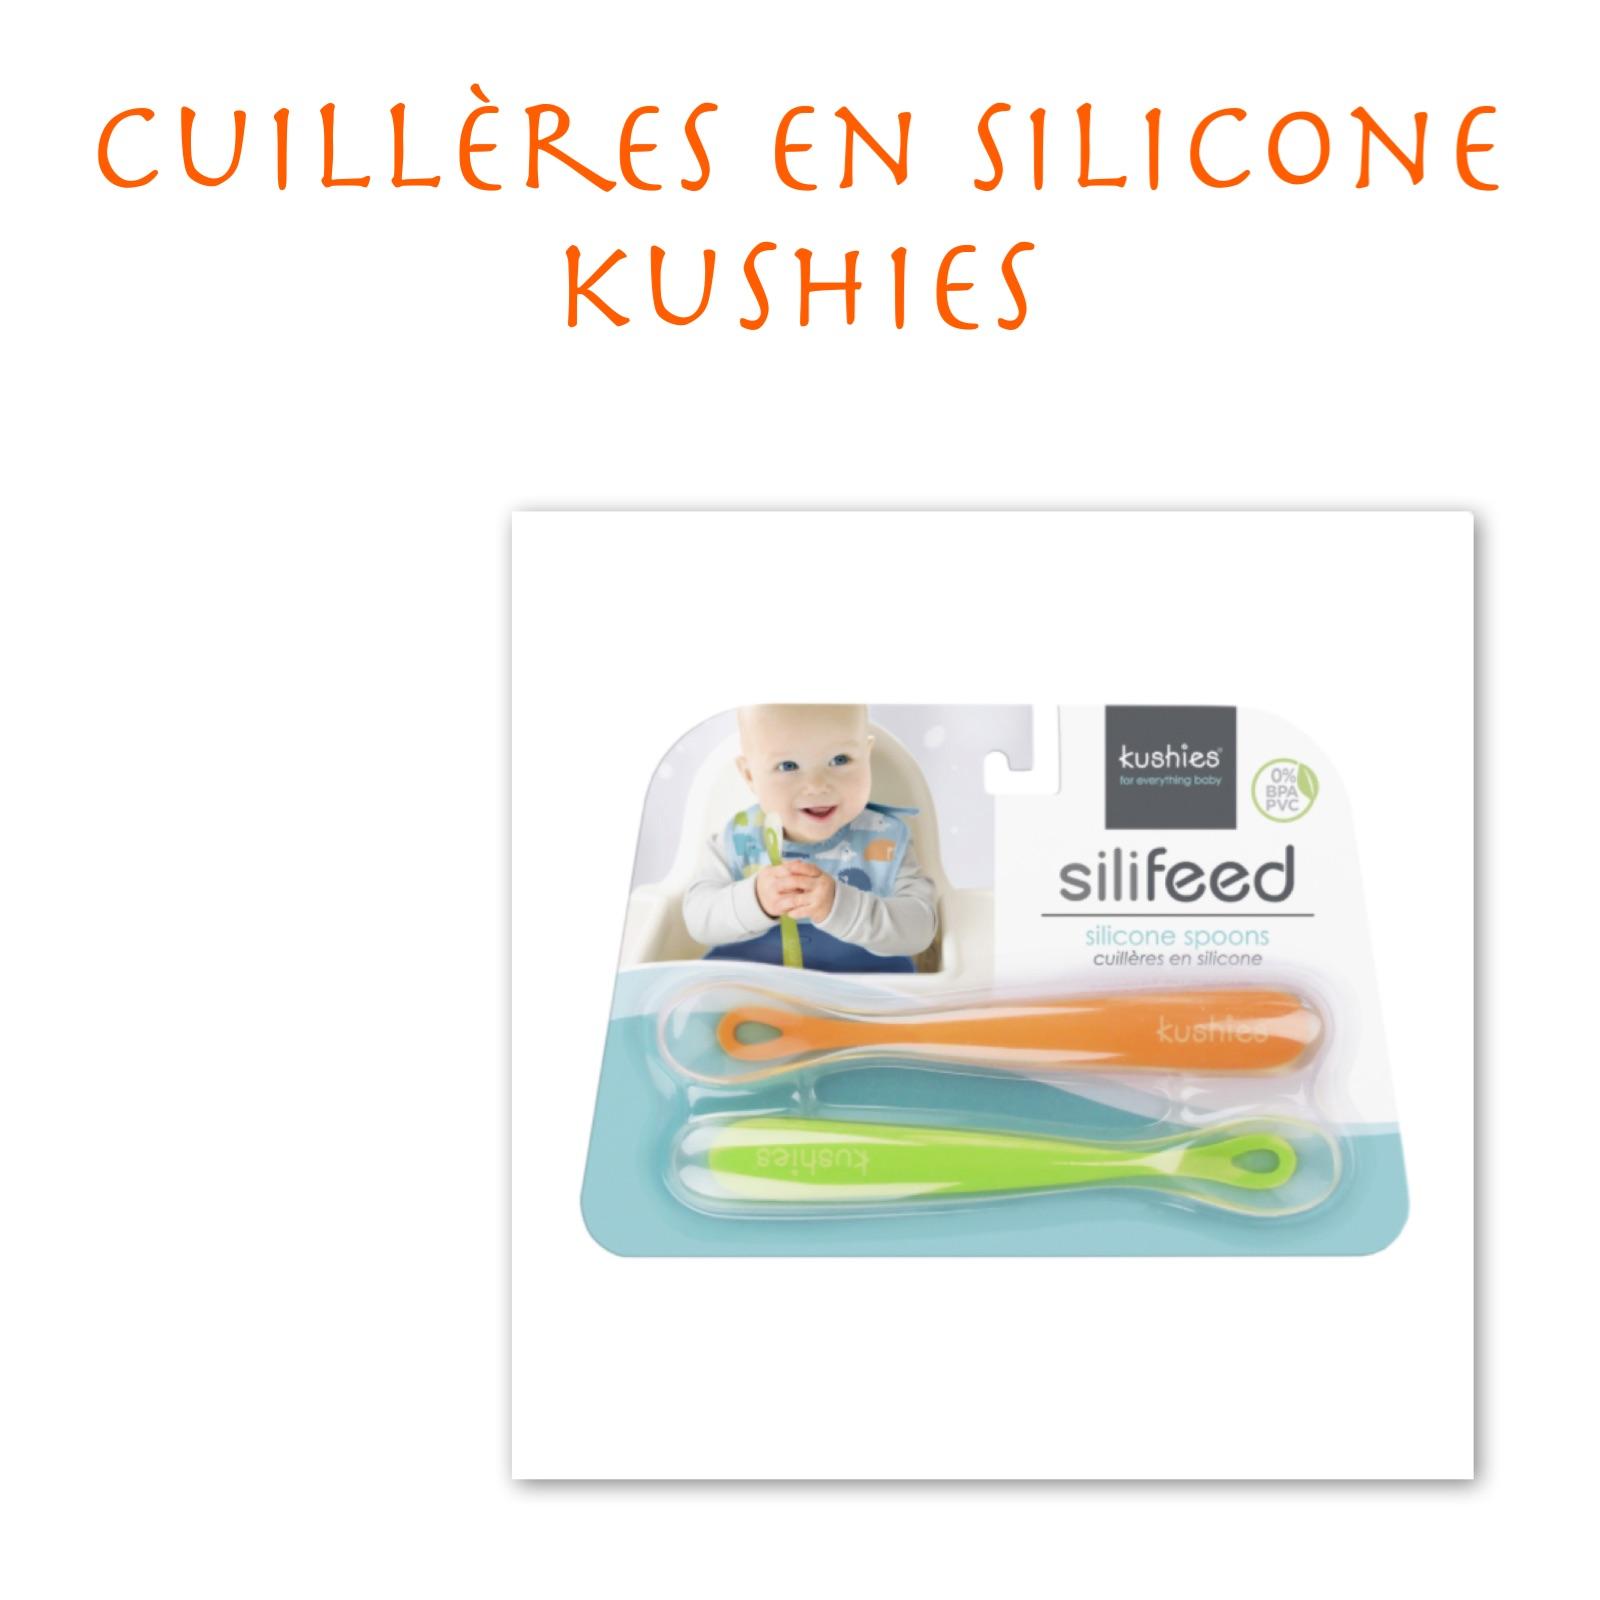 Cuillères en silicone